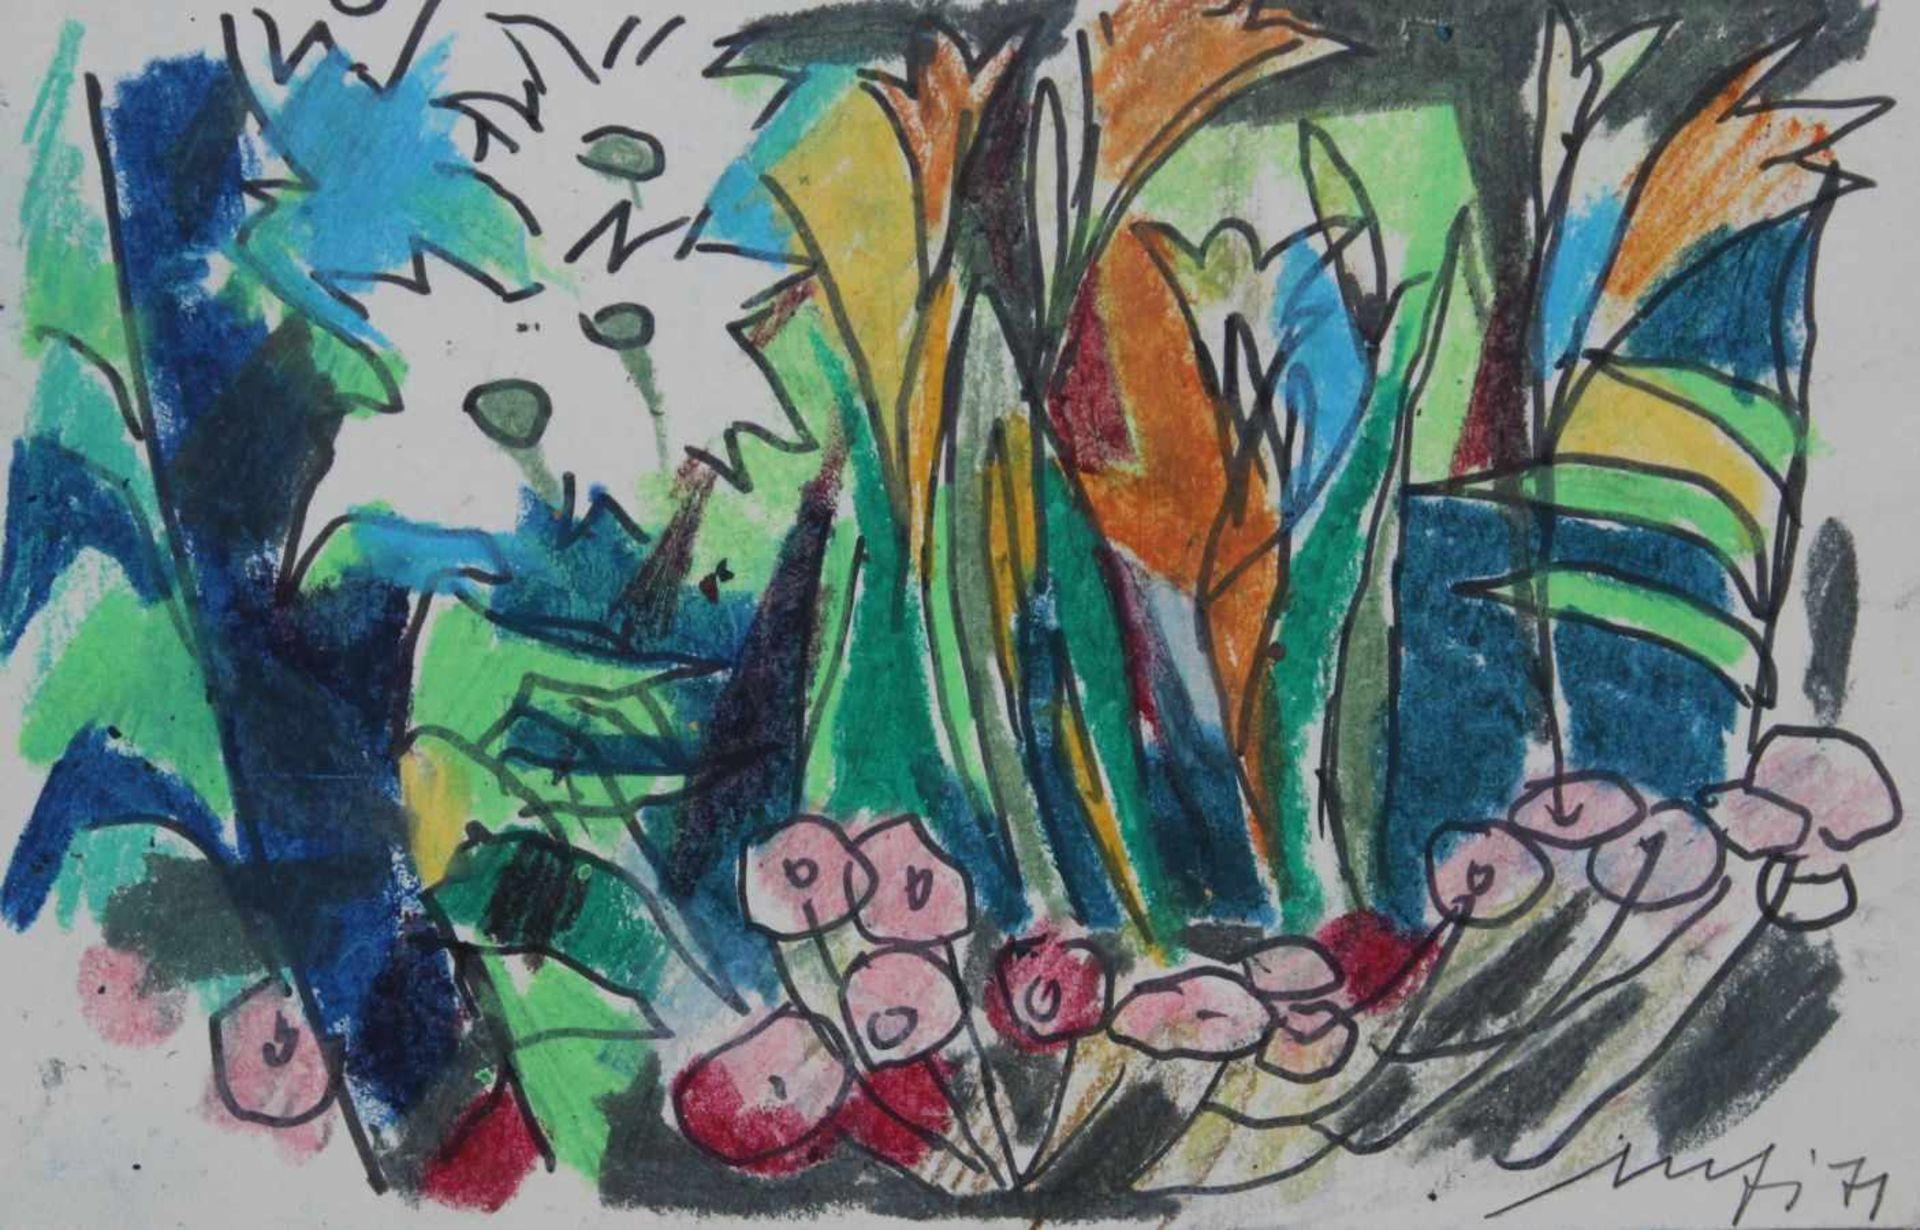 """Los 20 - Zeichnung - Willi Ulfig (26.11.1910 Breslau - 4.2.1983 Regensburg) """"Blumenwiese"""", r.u. signiert"""